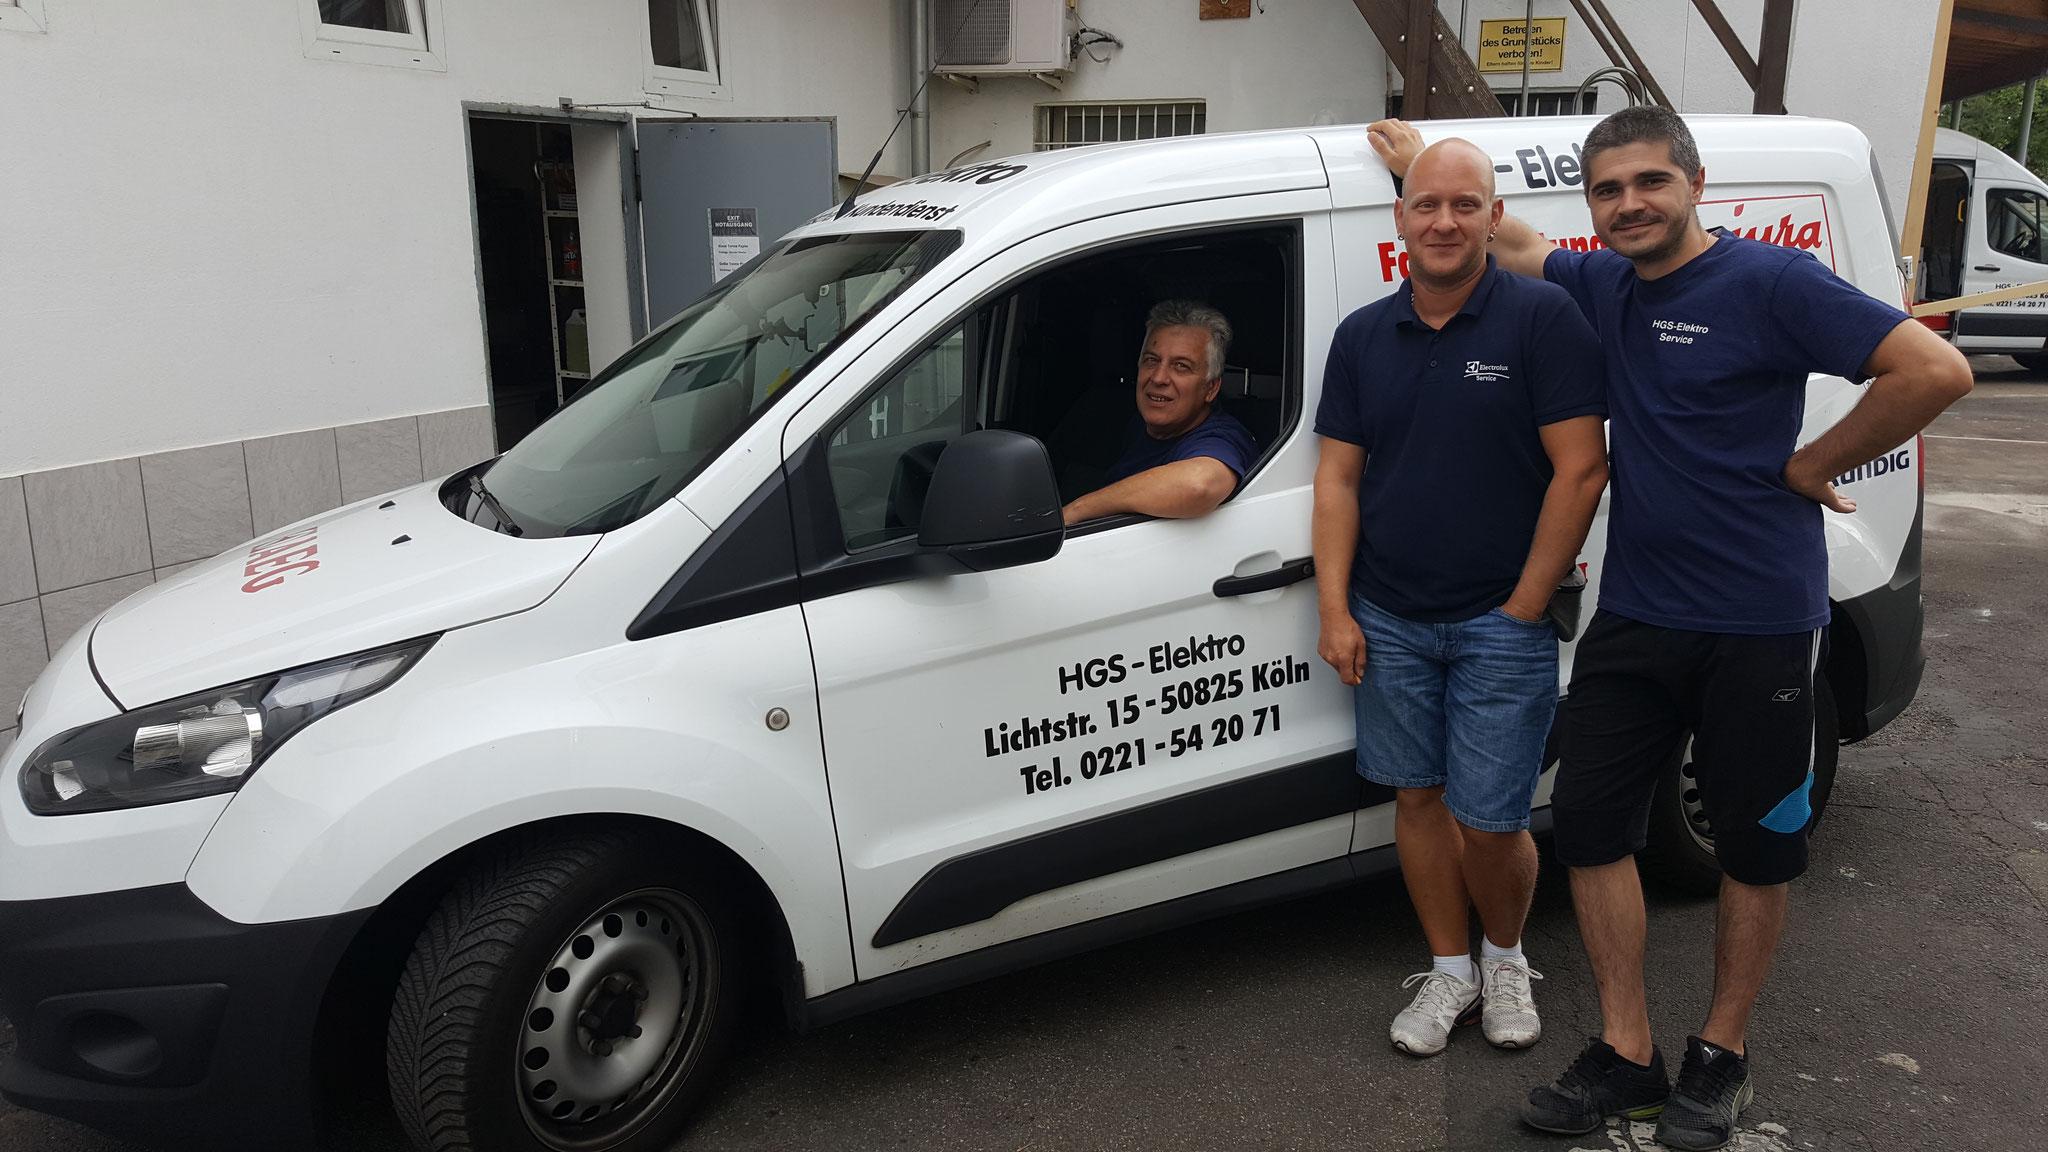 HGS Elektro Liebherr Kundendienst in Köln